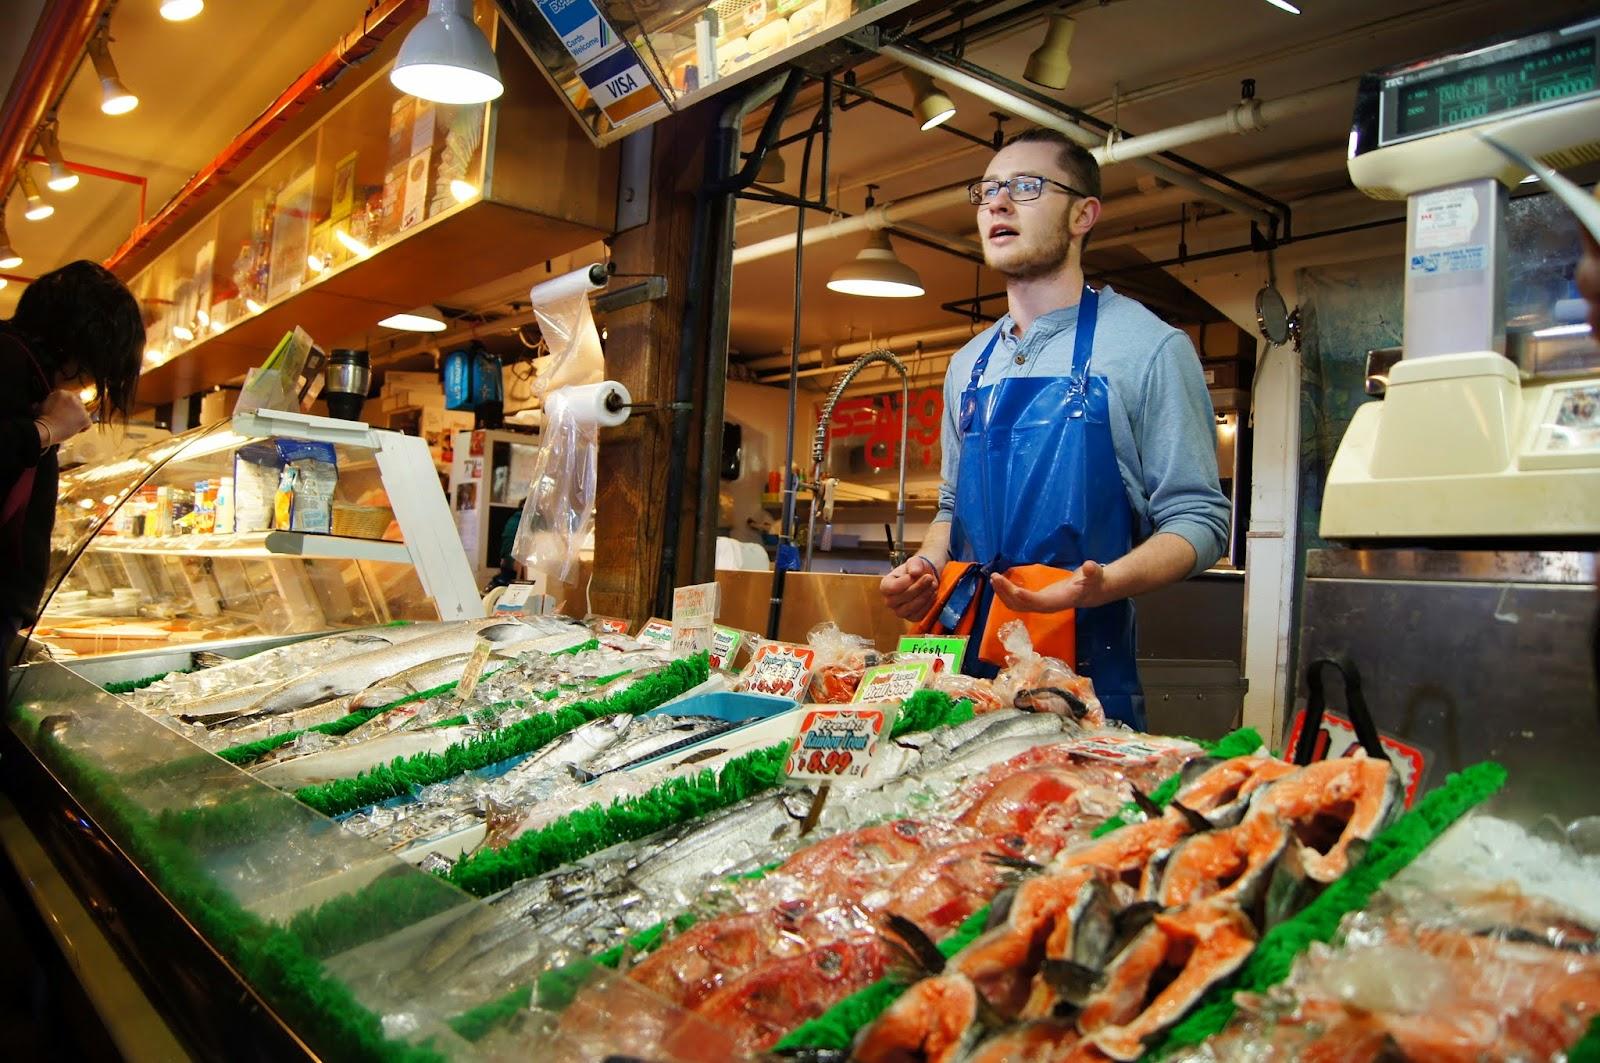 Image result for image granville island market seafood